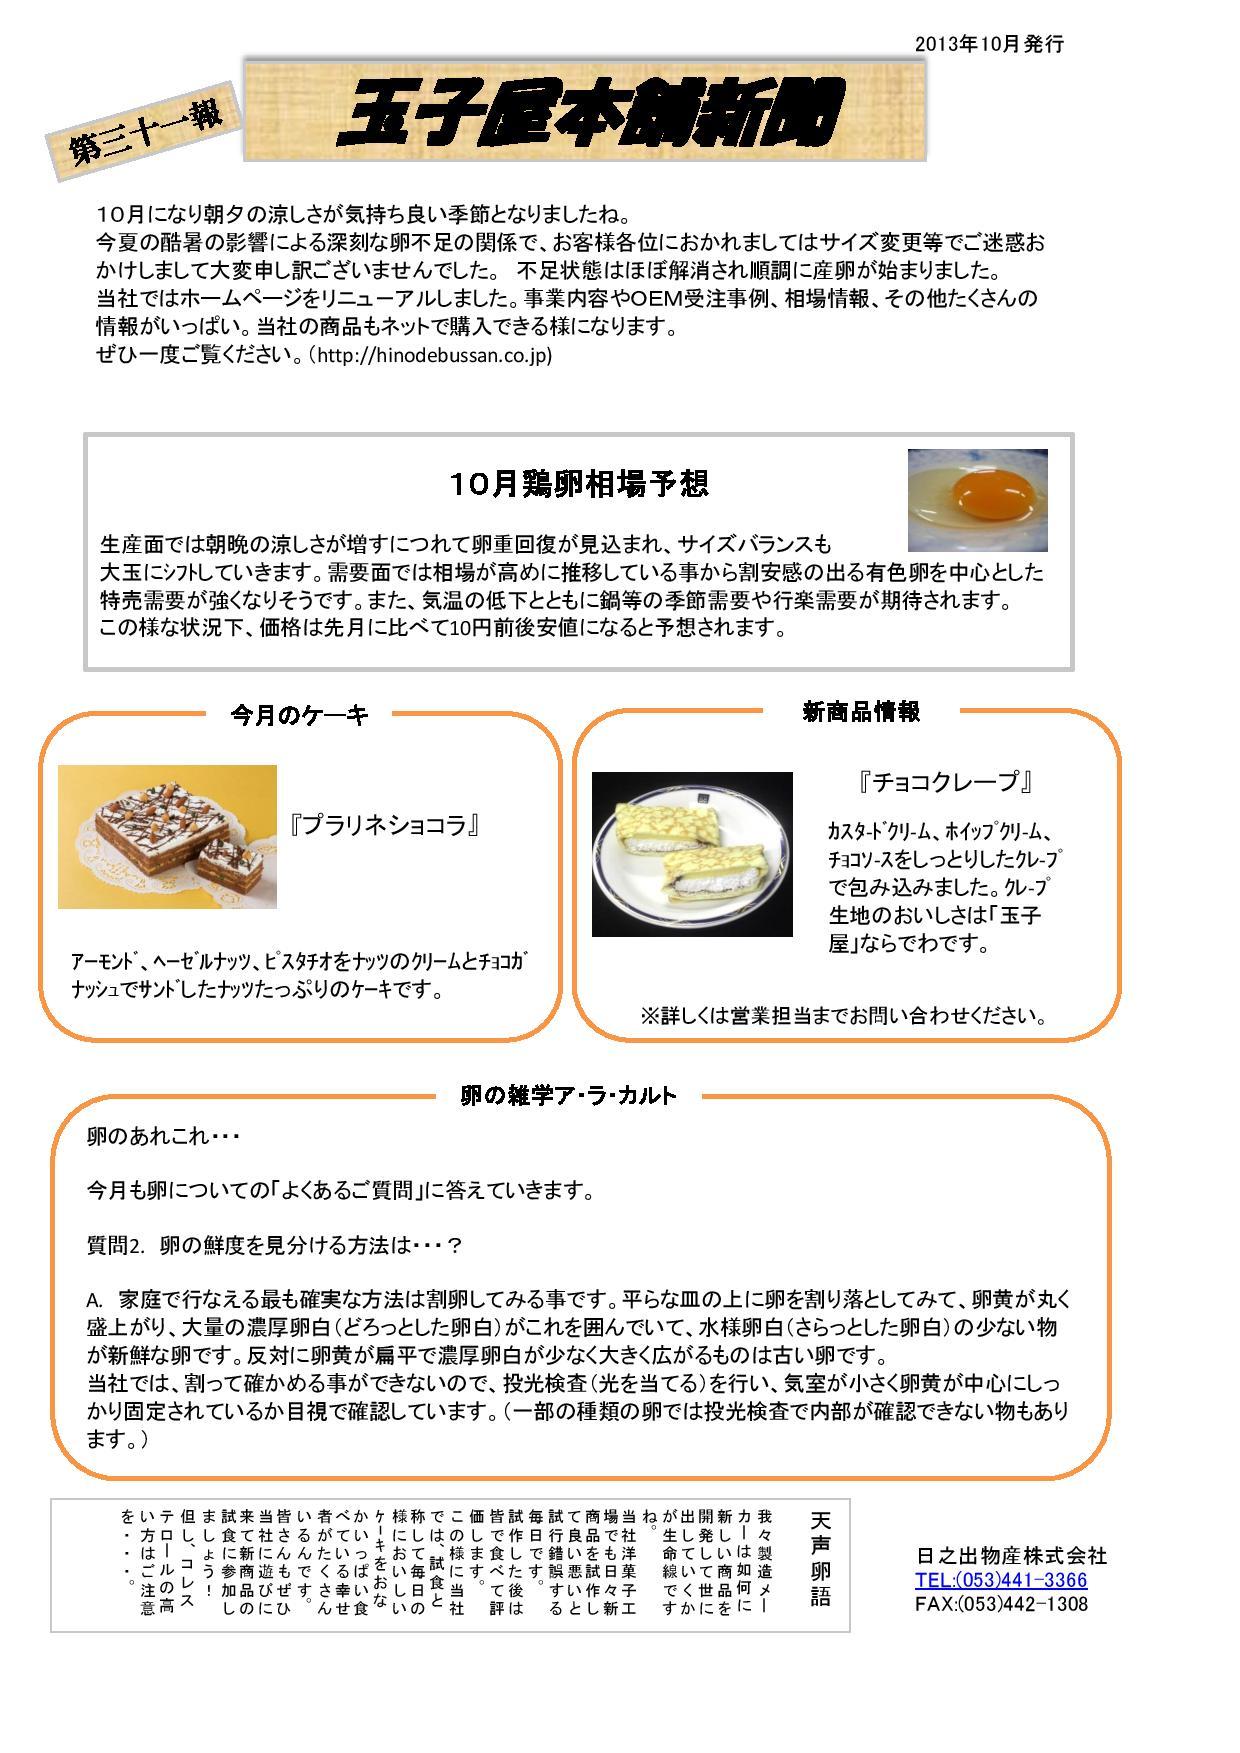 玉子屋本舗新聞1310-page-001